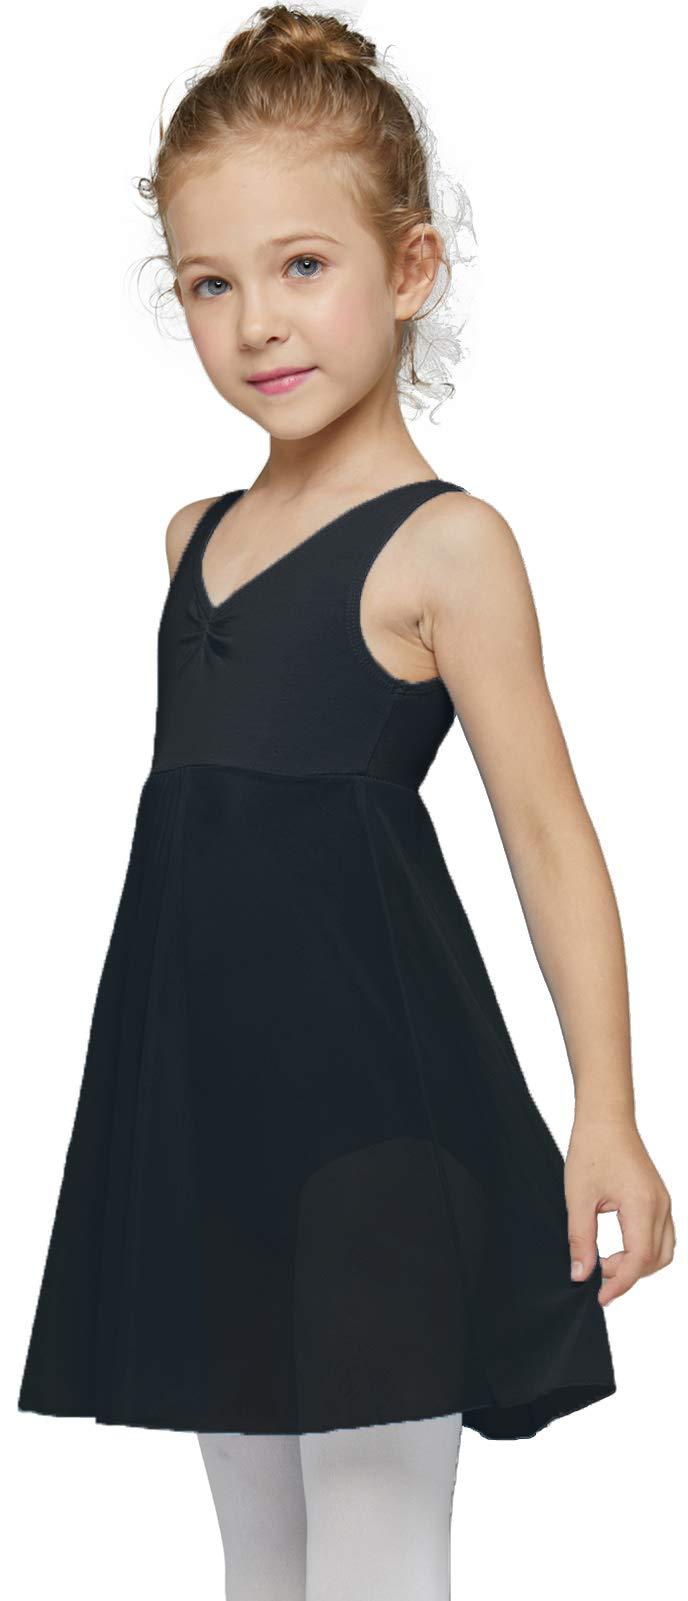 MdnMd Toddler Girls' Dance Ballet Leotard Outfit Ballerina Dress with Tank Long Skirted Dancewear